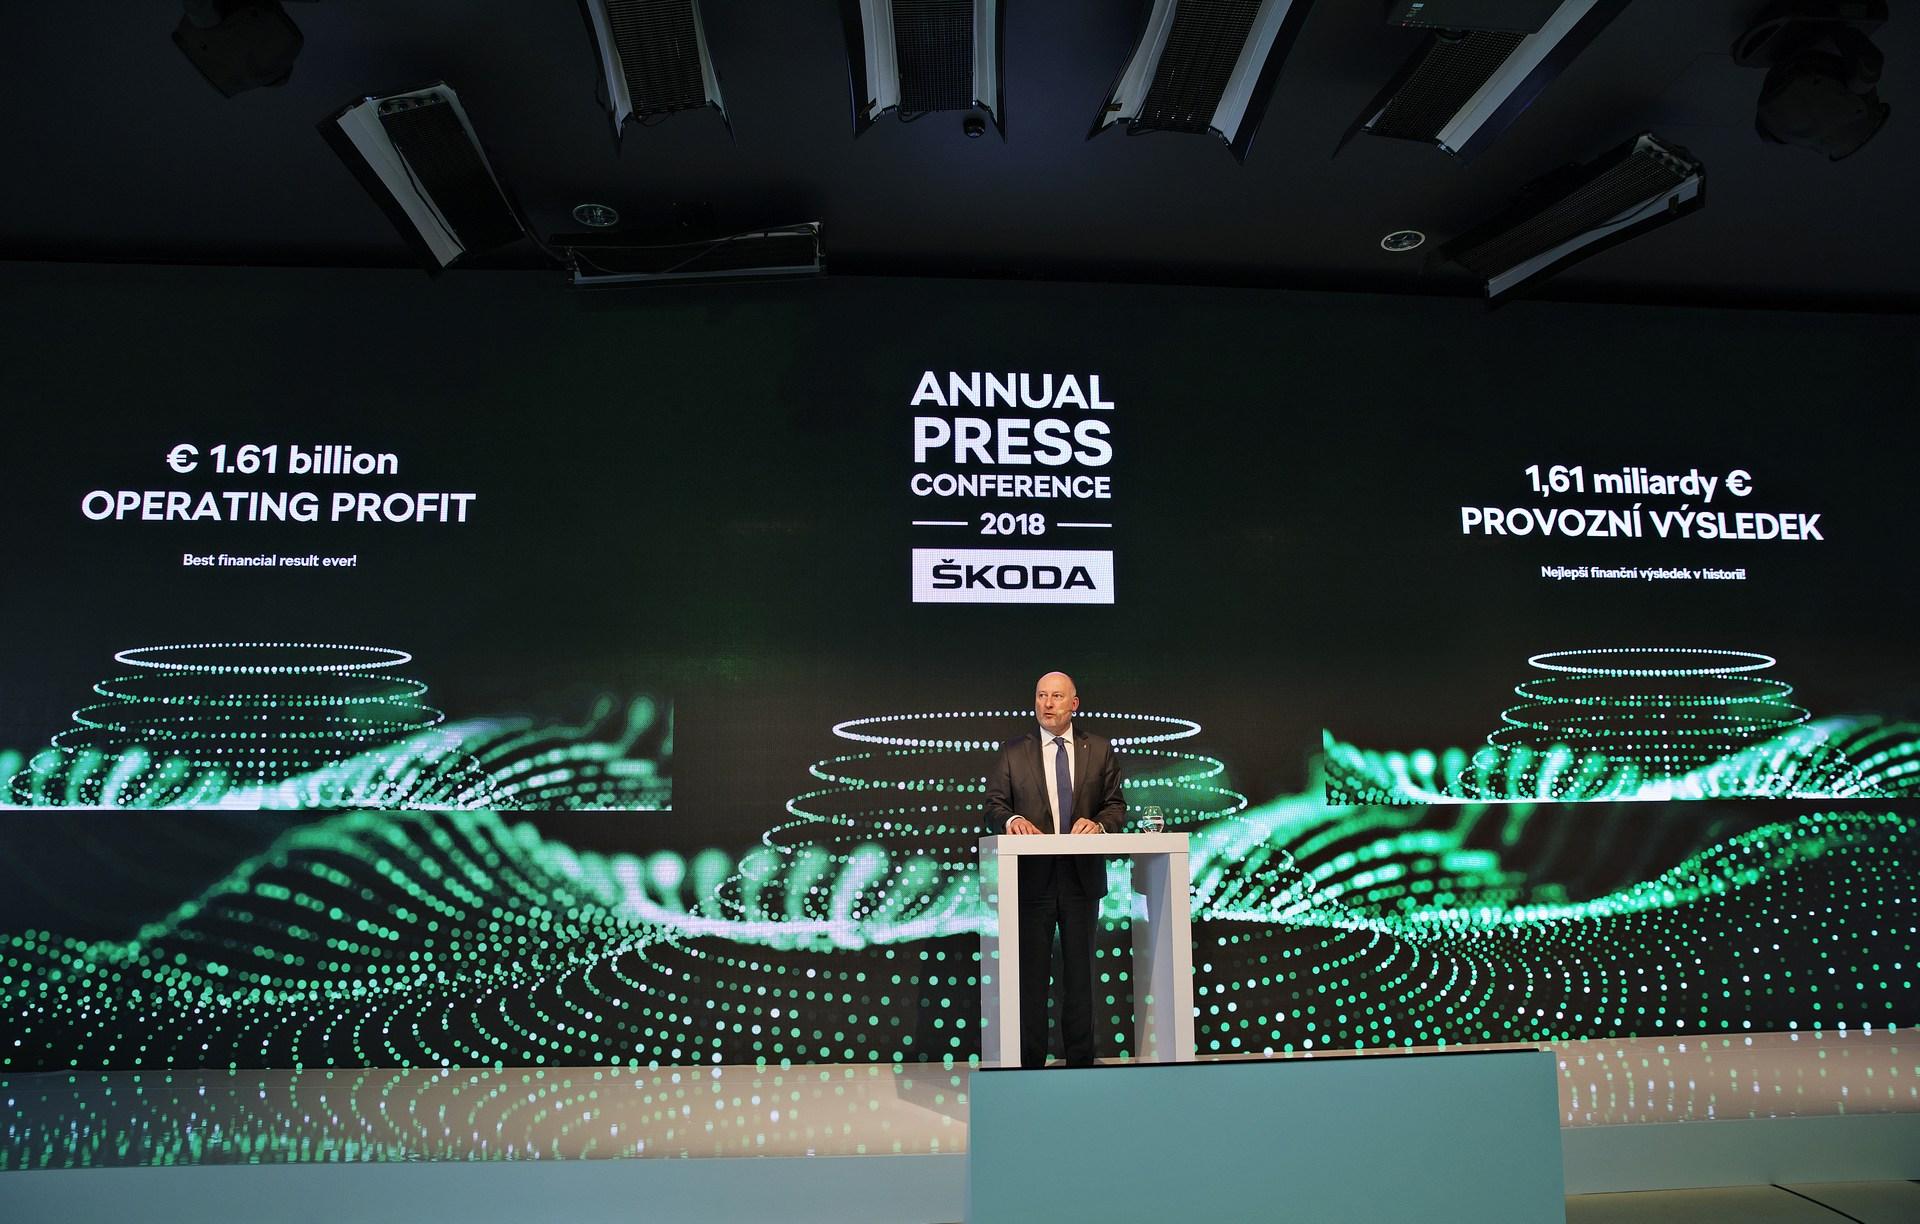 Skoda_Press_Conference_0005